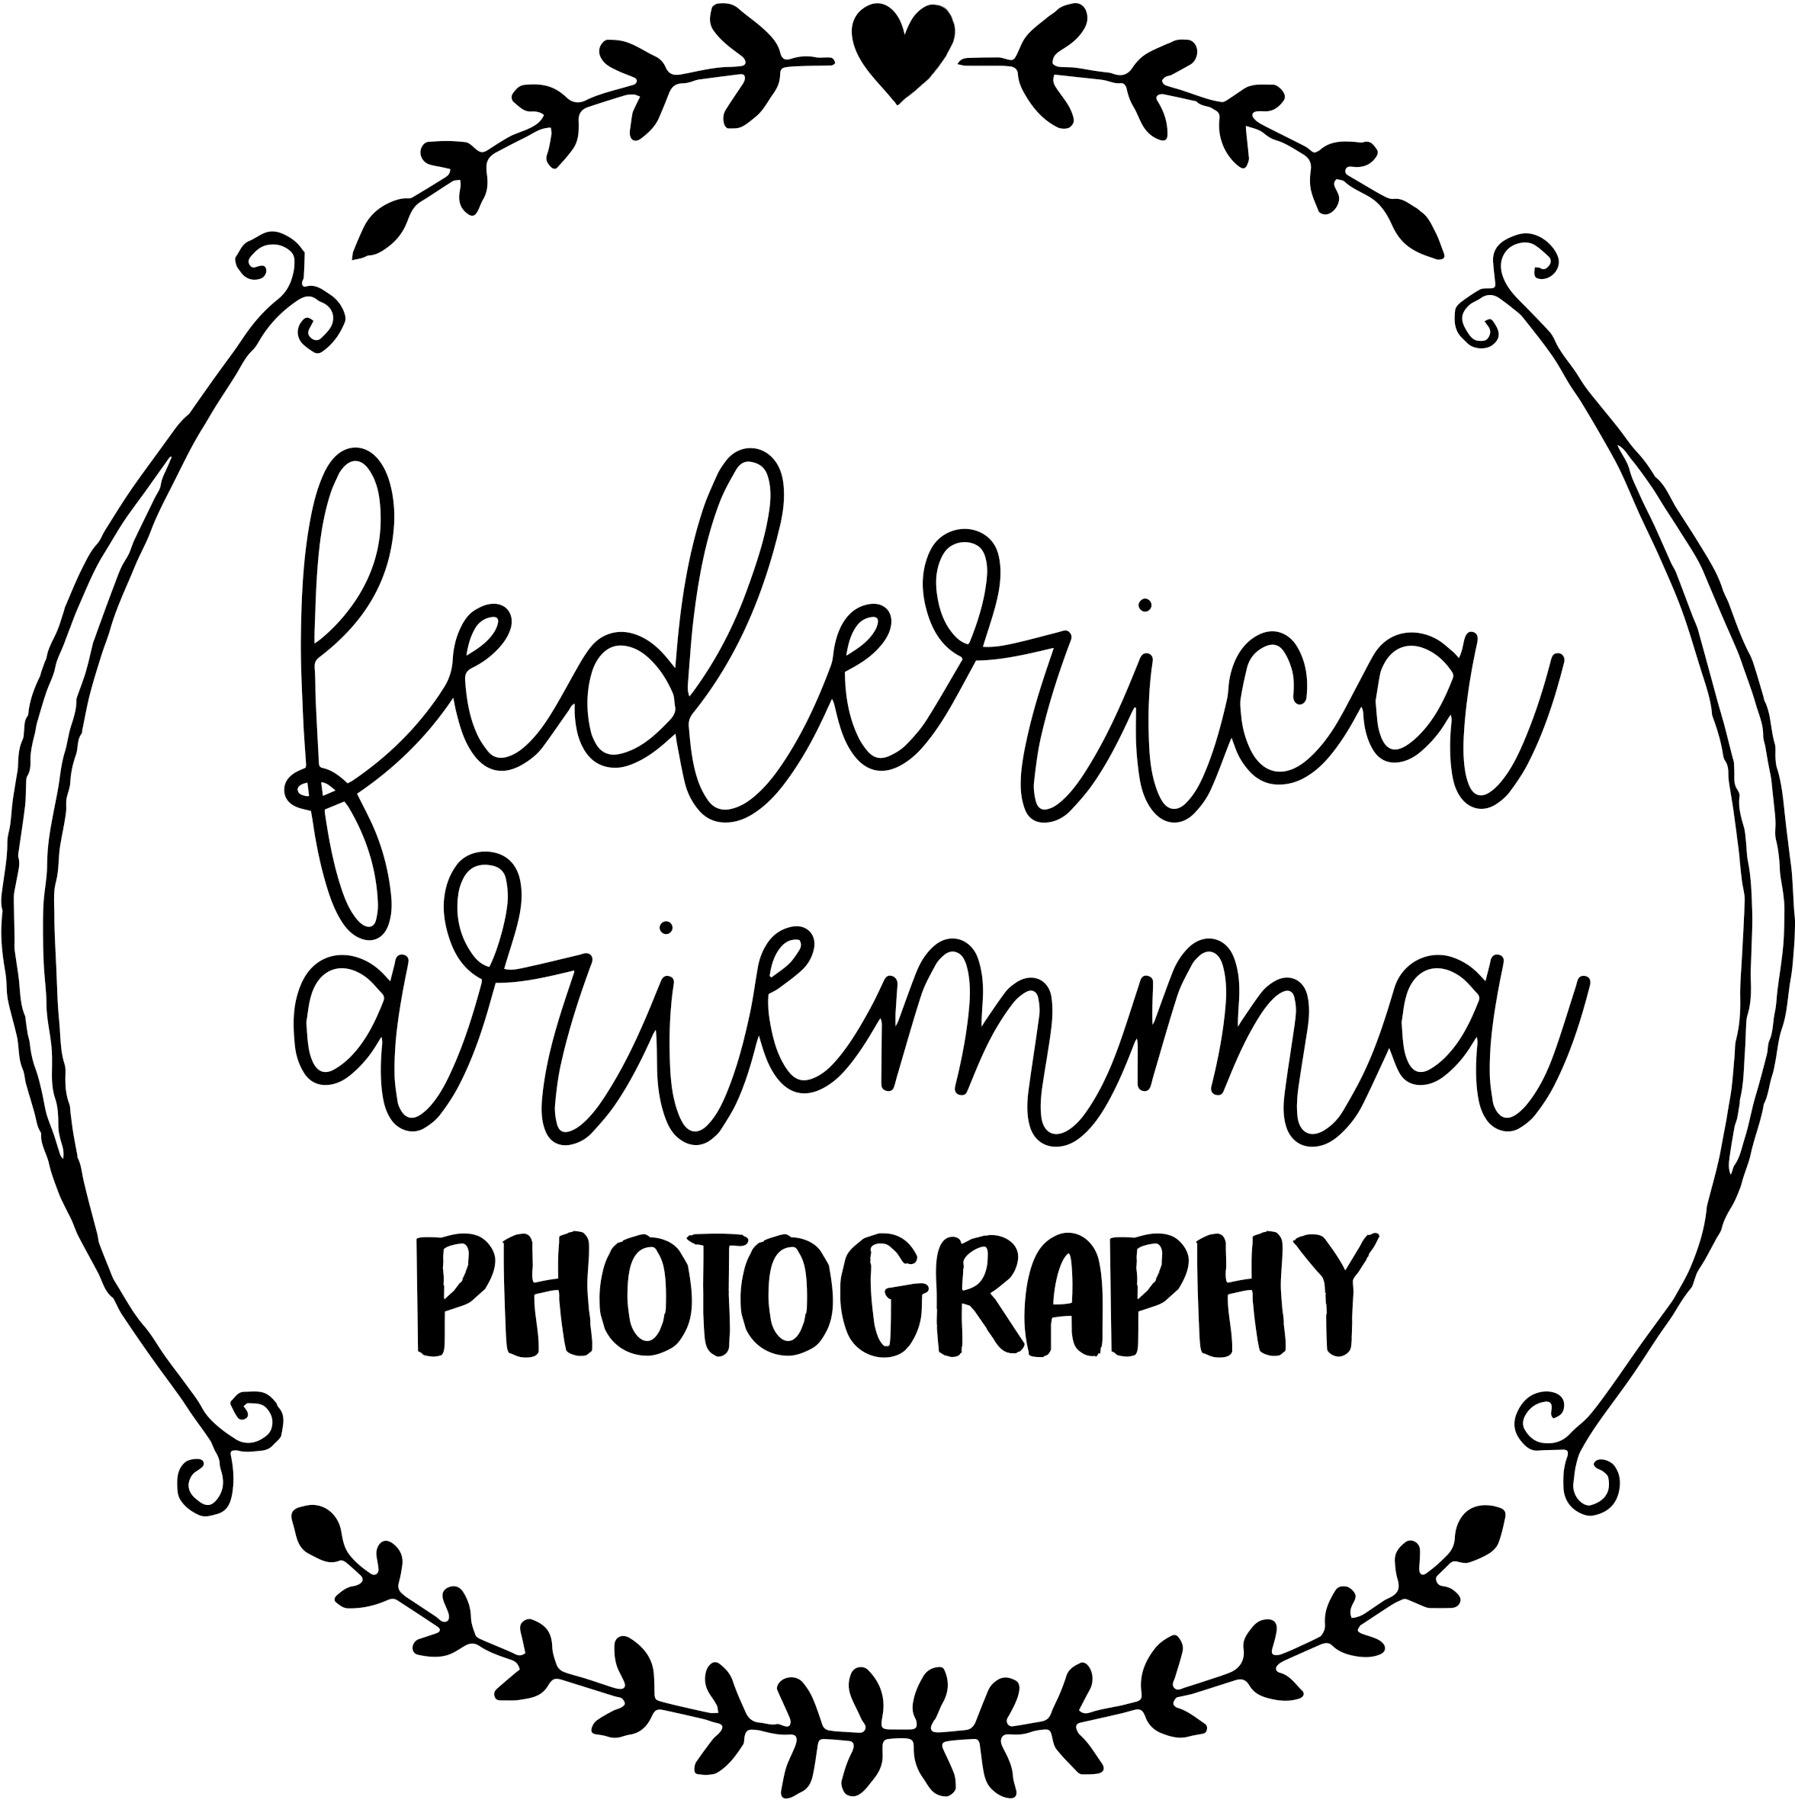 https://federicaariemma.com/wp-content/uploads/2020/03/ariemmaVECTORnero2.jpg